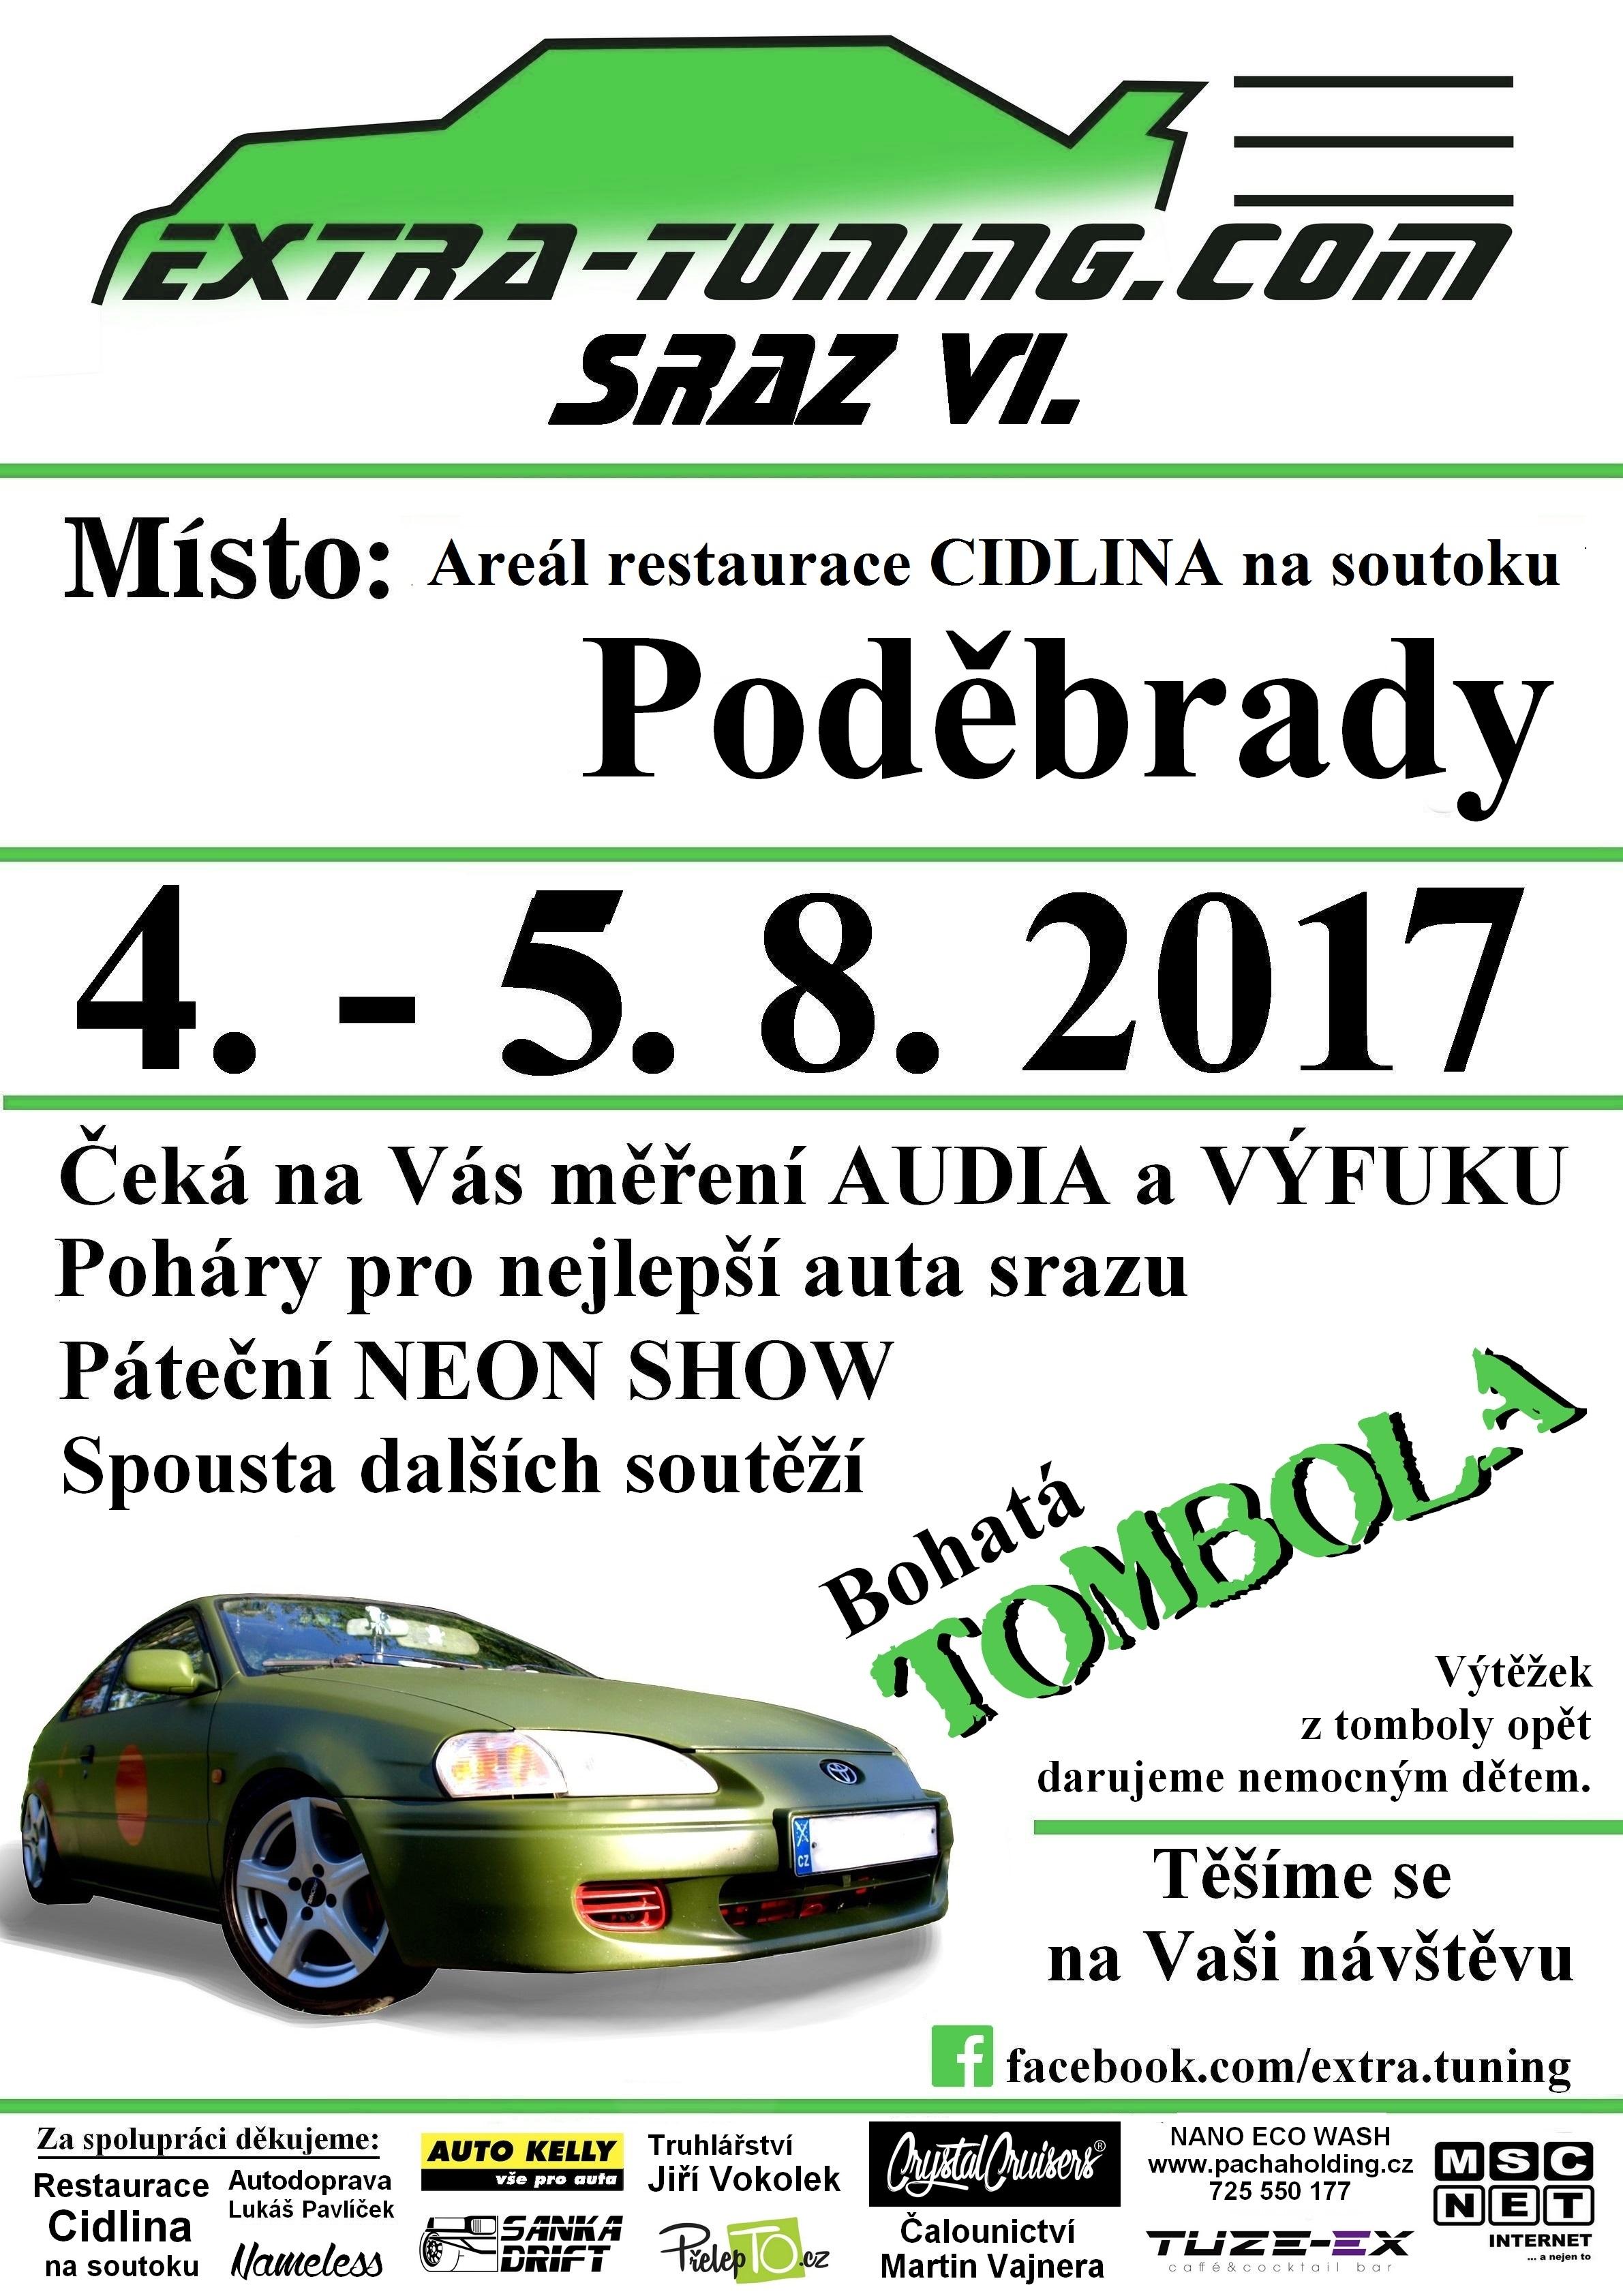 plakát et 2017Vvf (3)bj